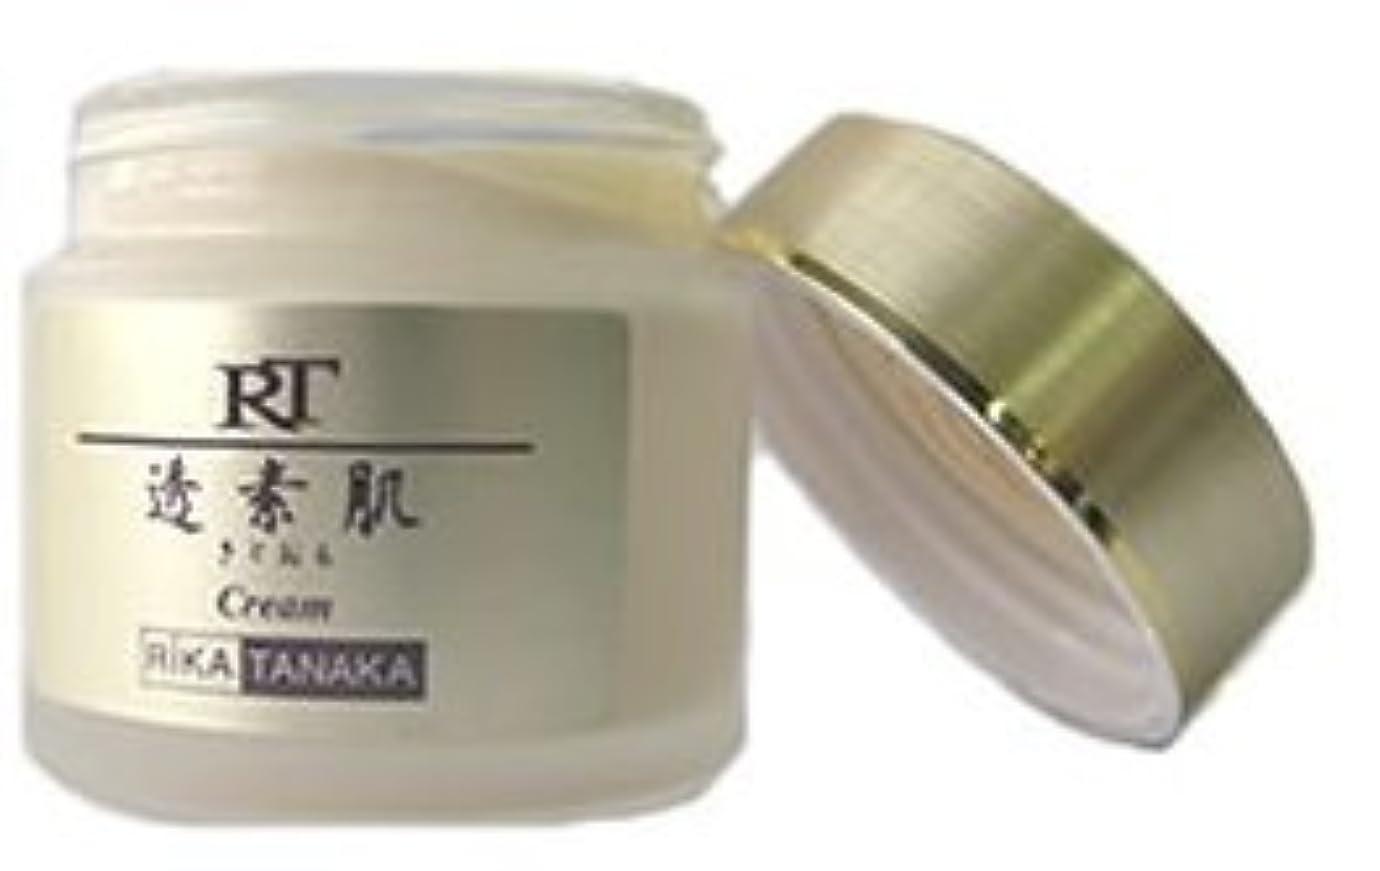 イヤホン定期的なそれらRT 透きとおる素肌 UV BBクリーム オールインワン